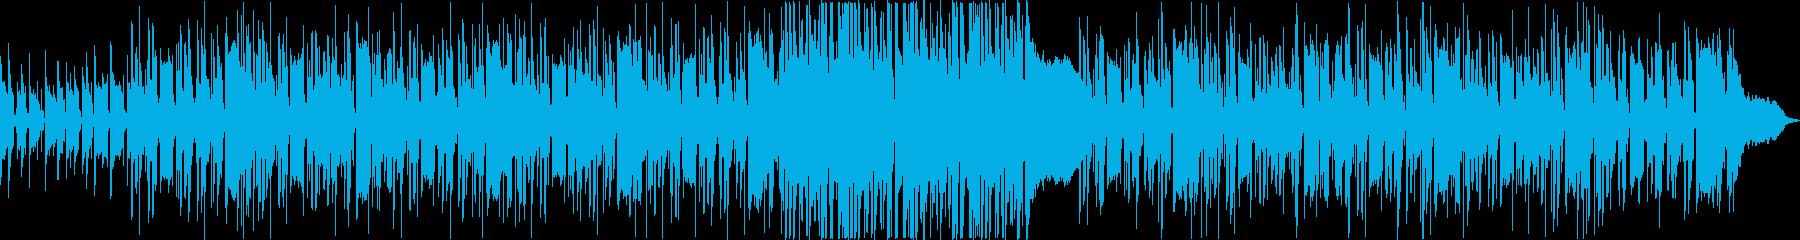 ファジーで温かみのある、落ち着いた...の再生済みの波形